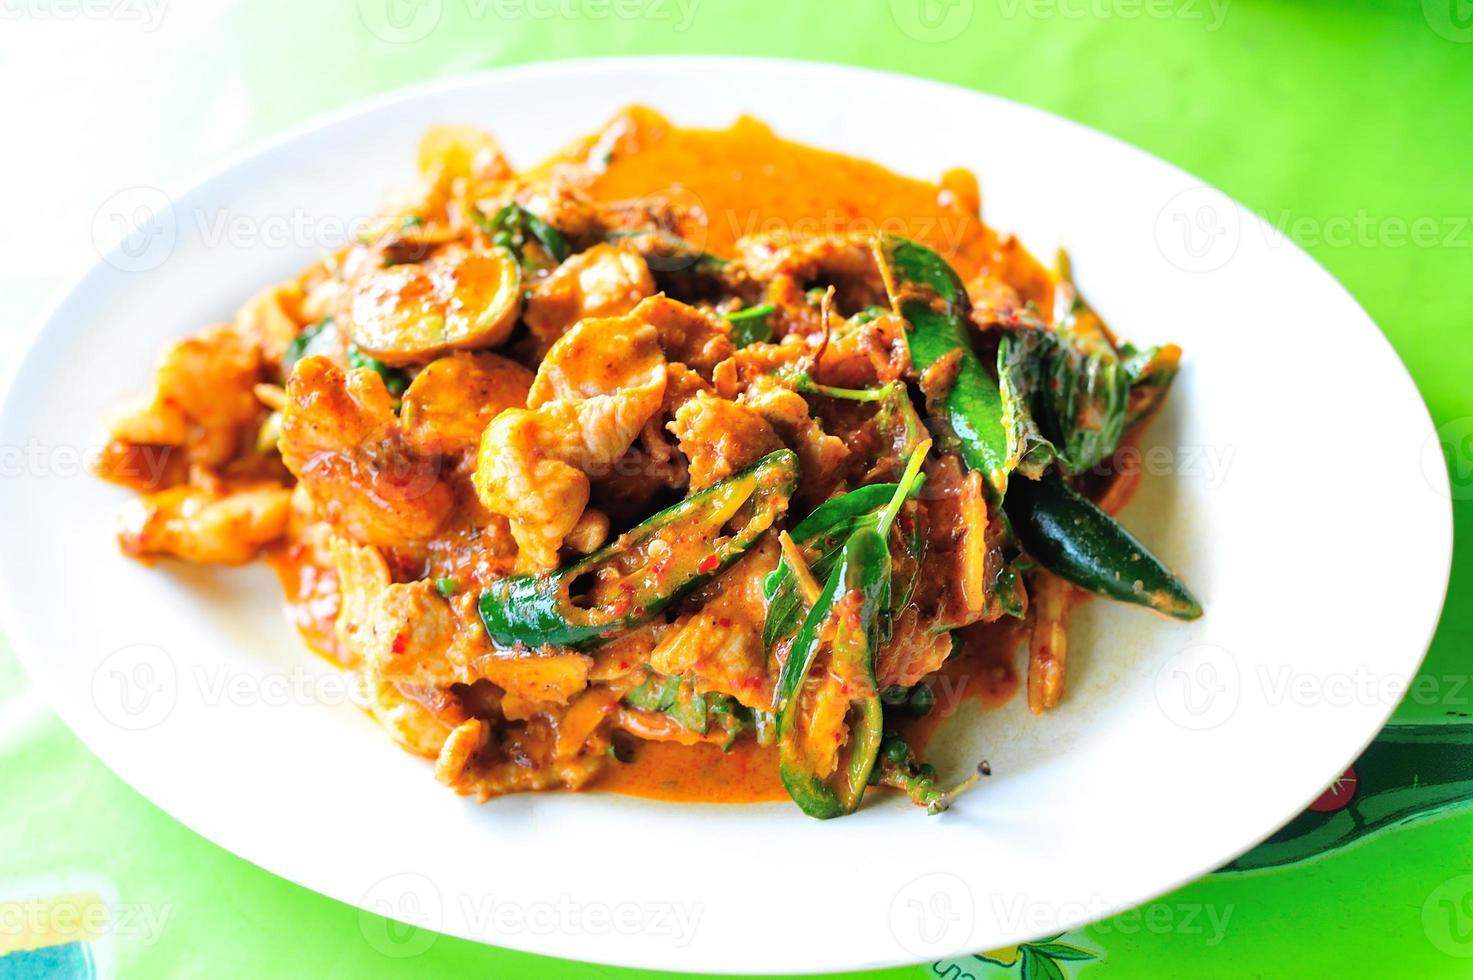 porc sauté épicé au curry rouge photo